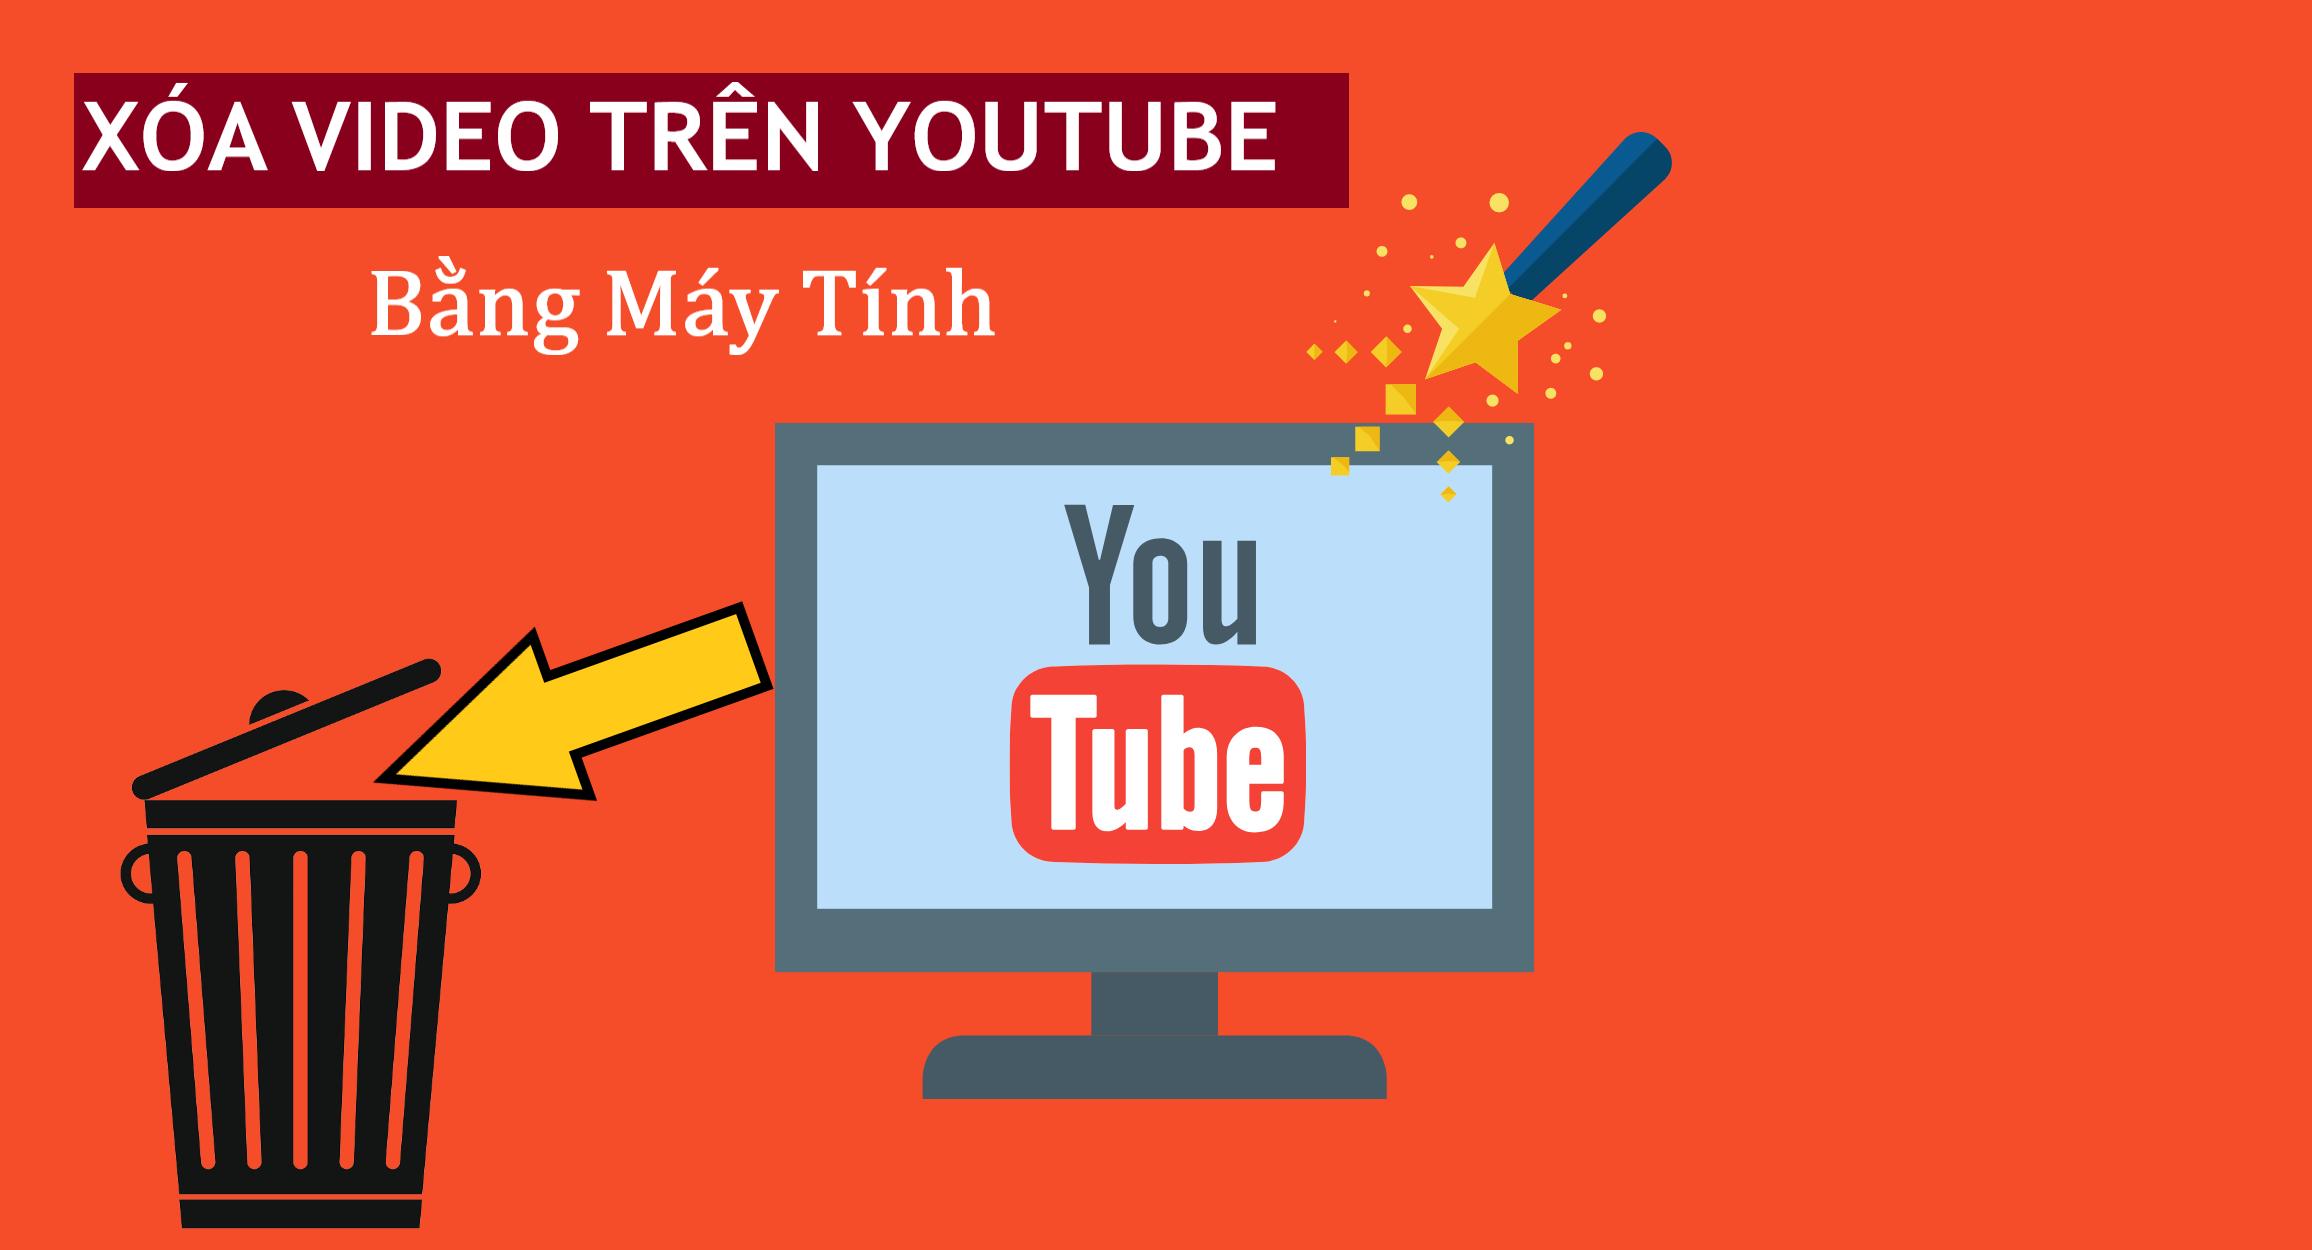 Hướng dẫn chi tiết cách xóa video trên YouTube bằng máy tính